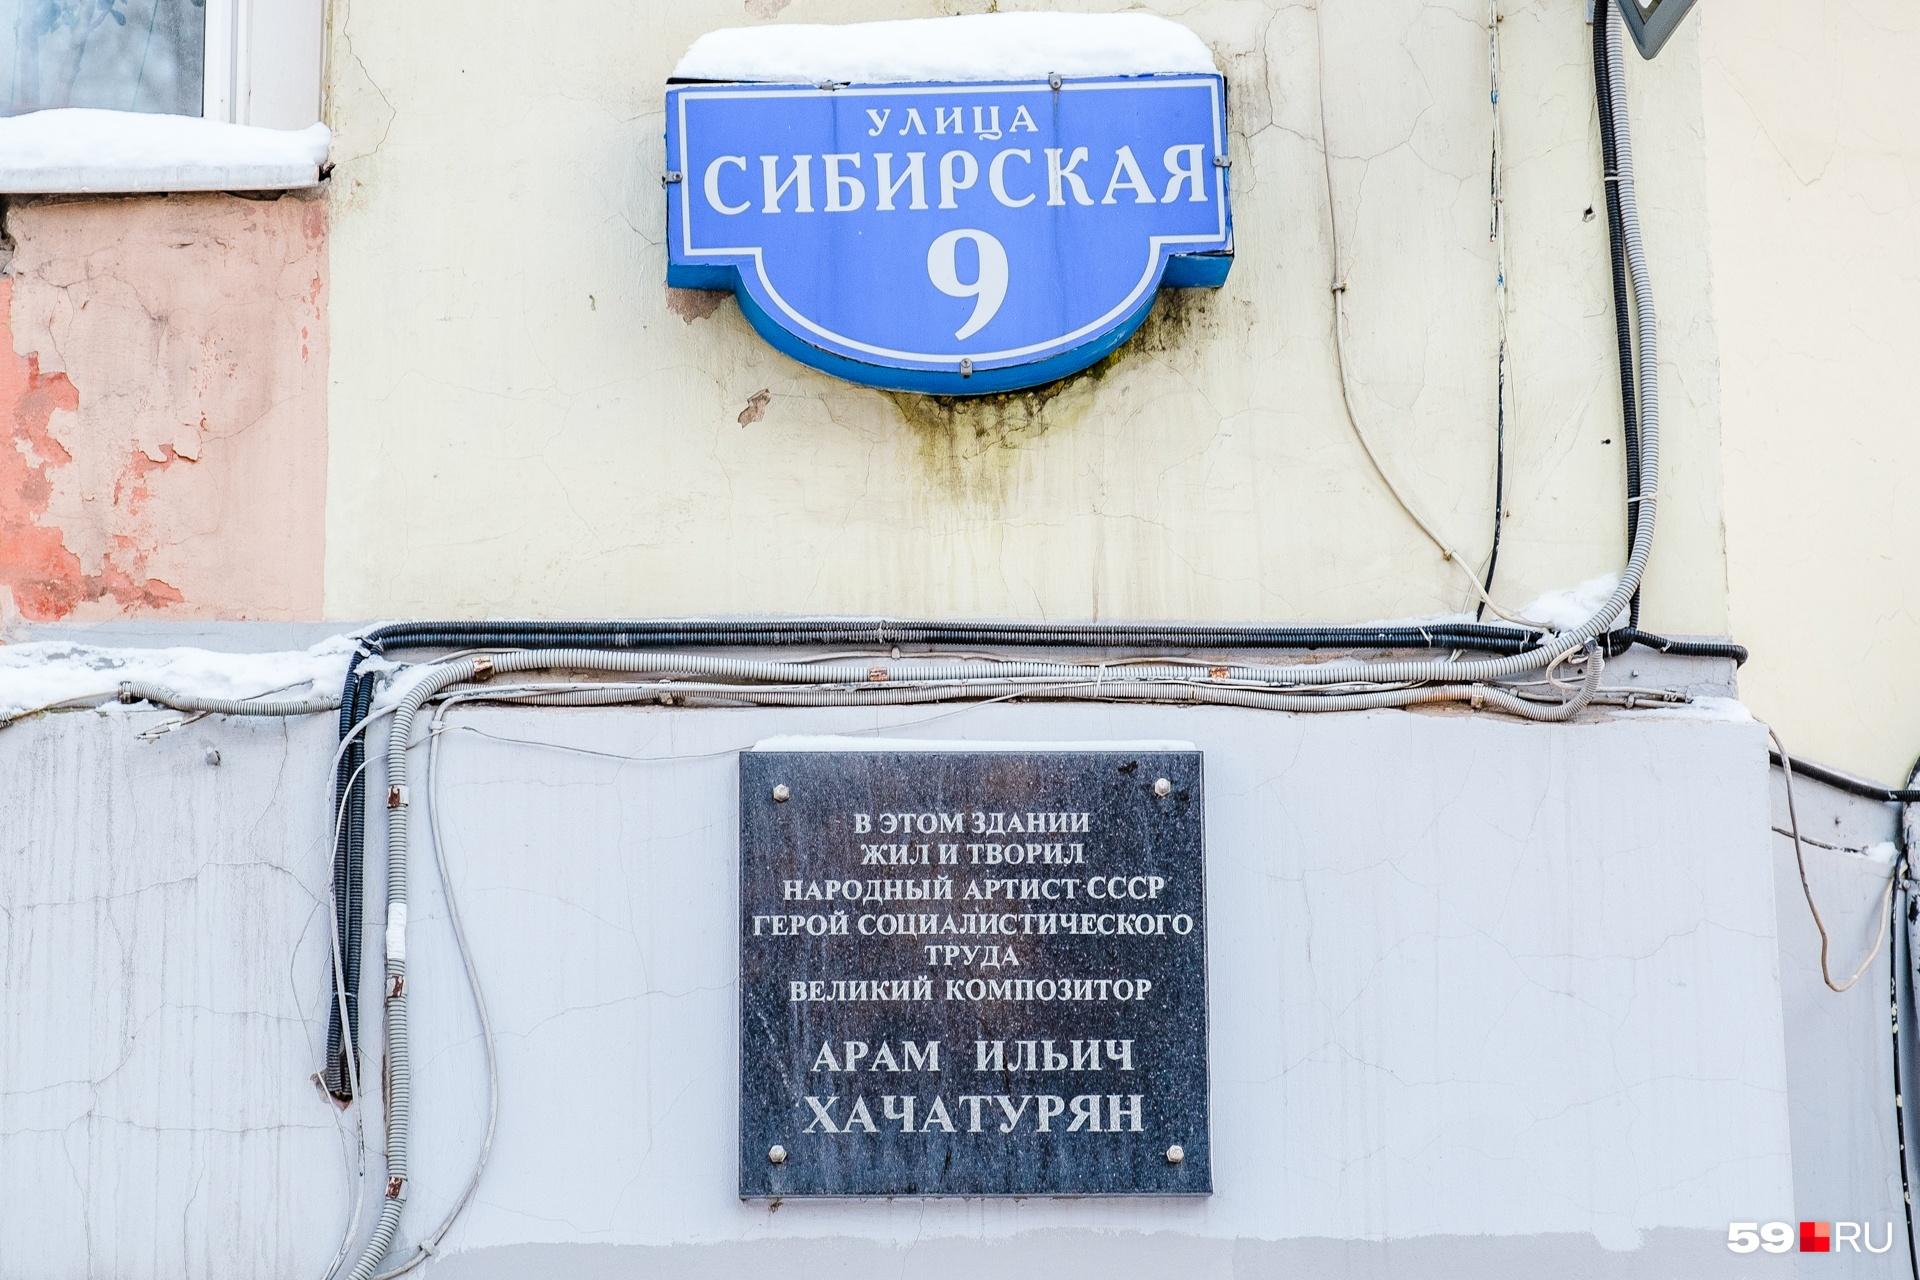 Памятная доска на фасаде